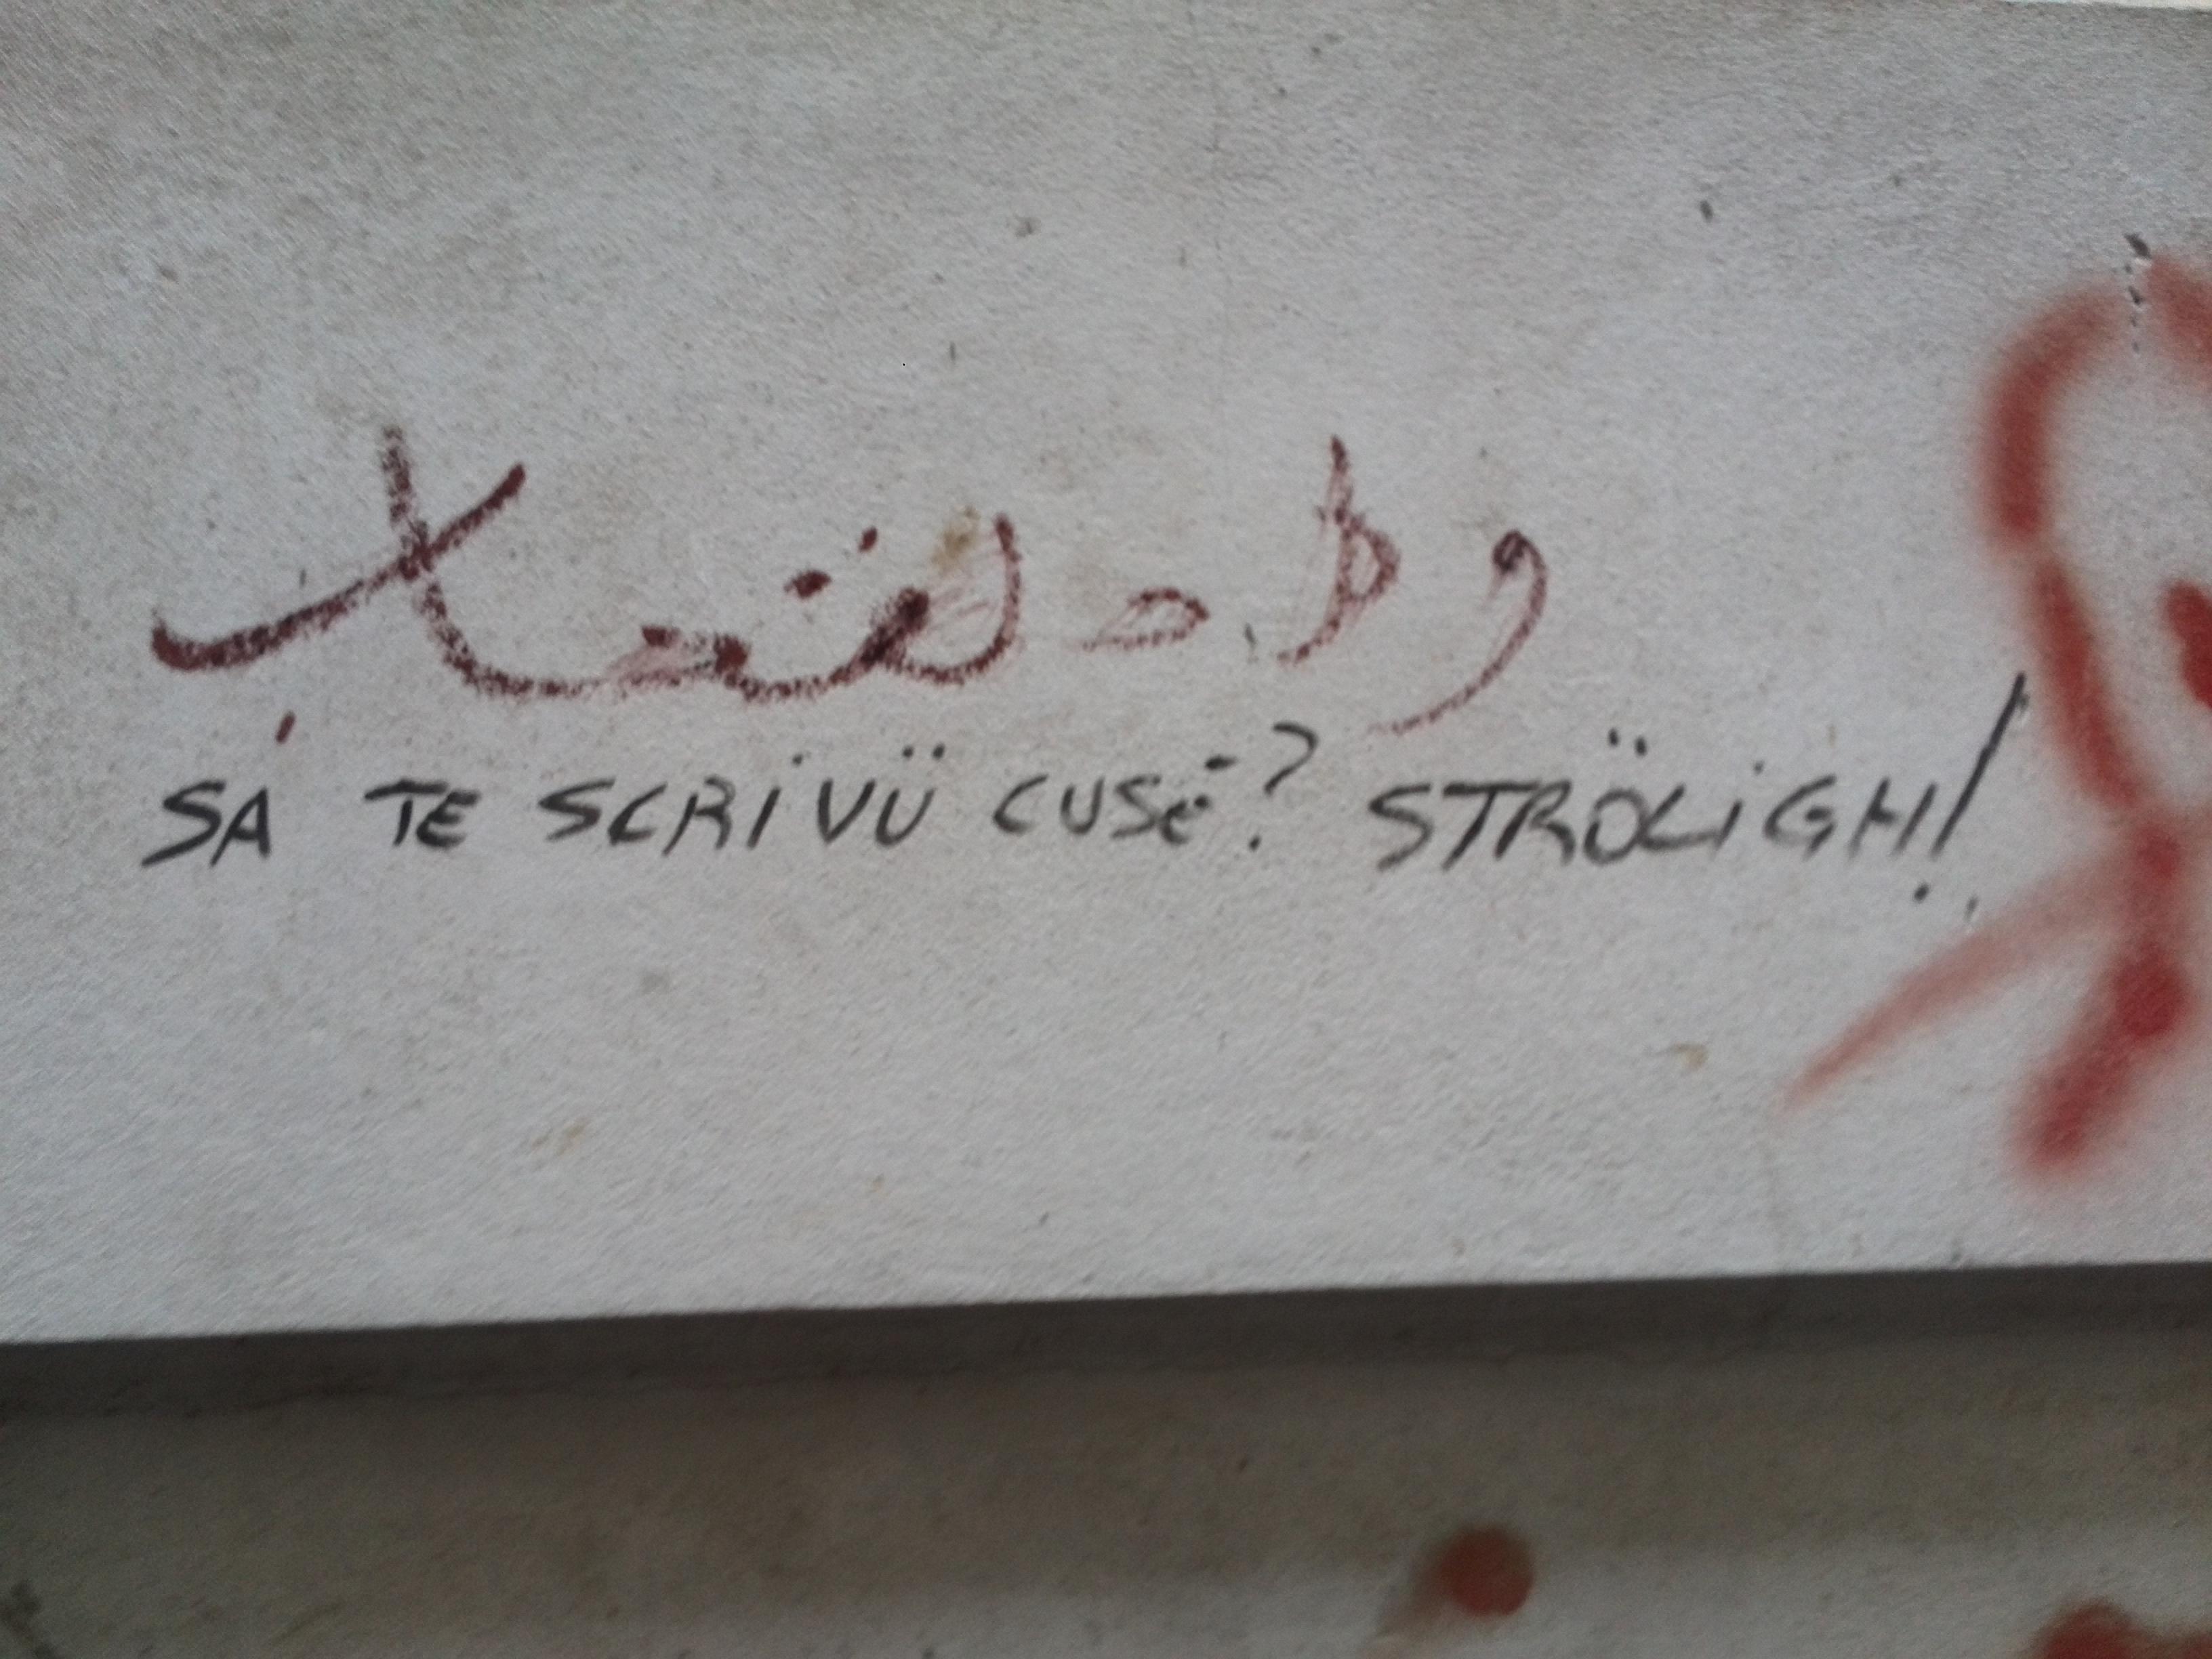 Disegni Sui Muri Di Casa se i muri potessero parlare… | lo stroligh